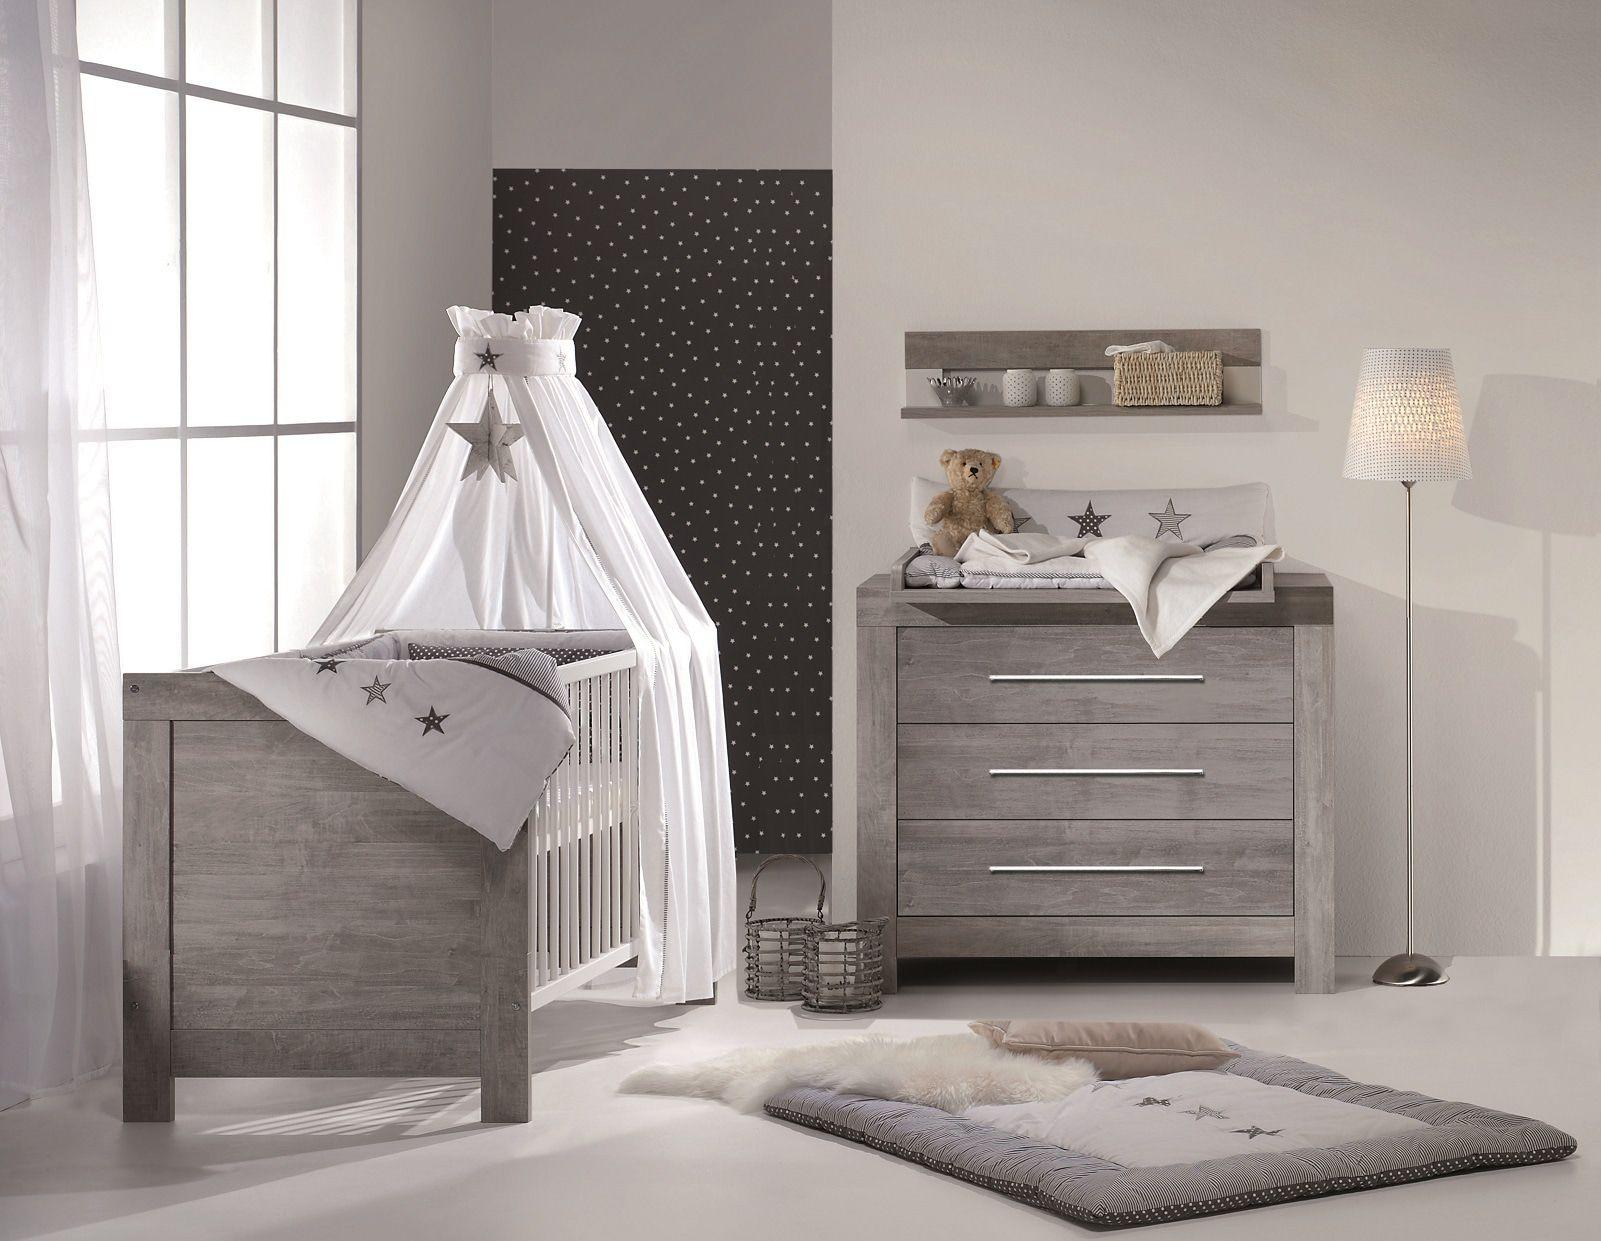 Behang Babykamer Romantisch : Behang slaapkamer romantisch fris jongenskamer u interieur inspiratie